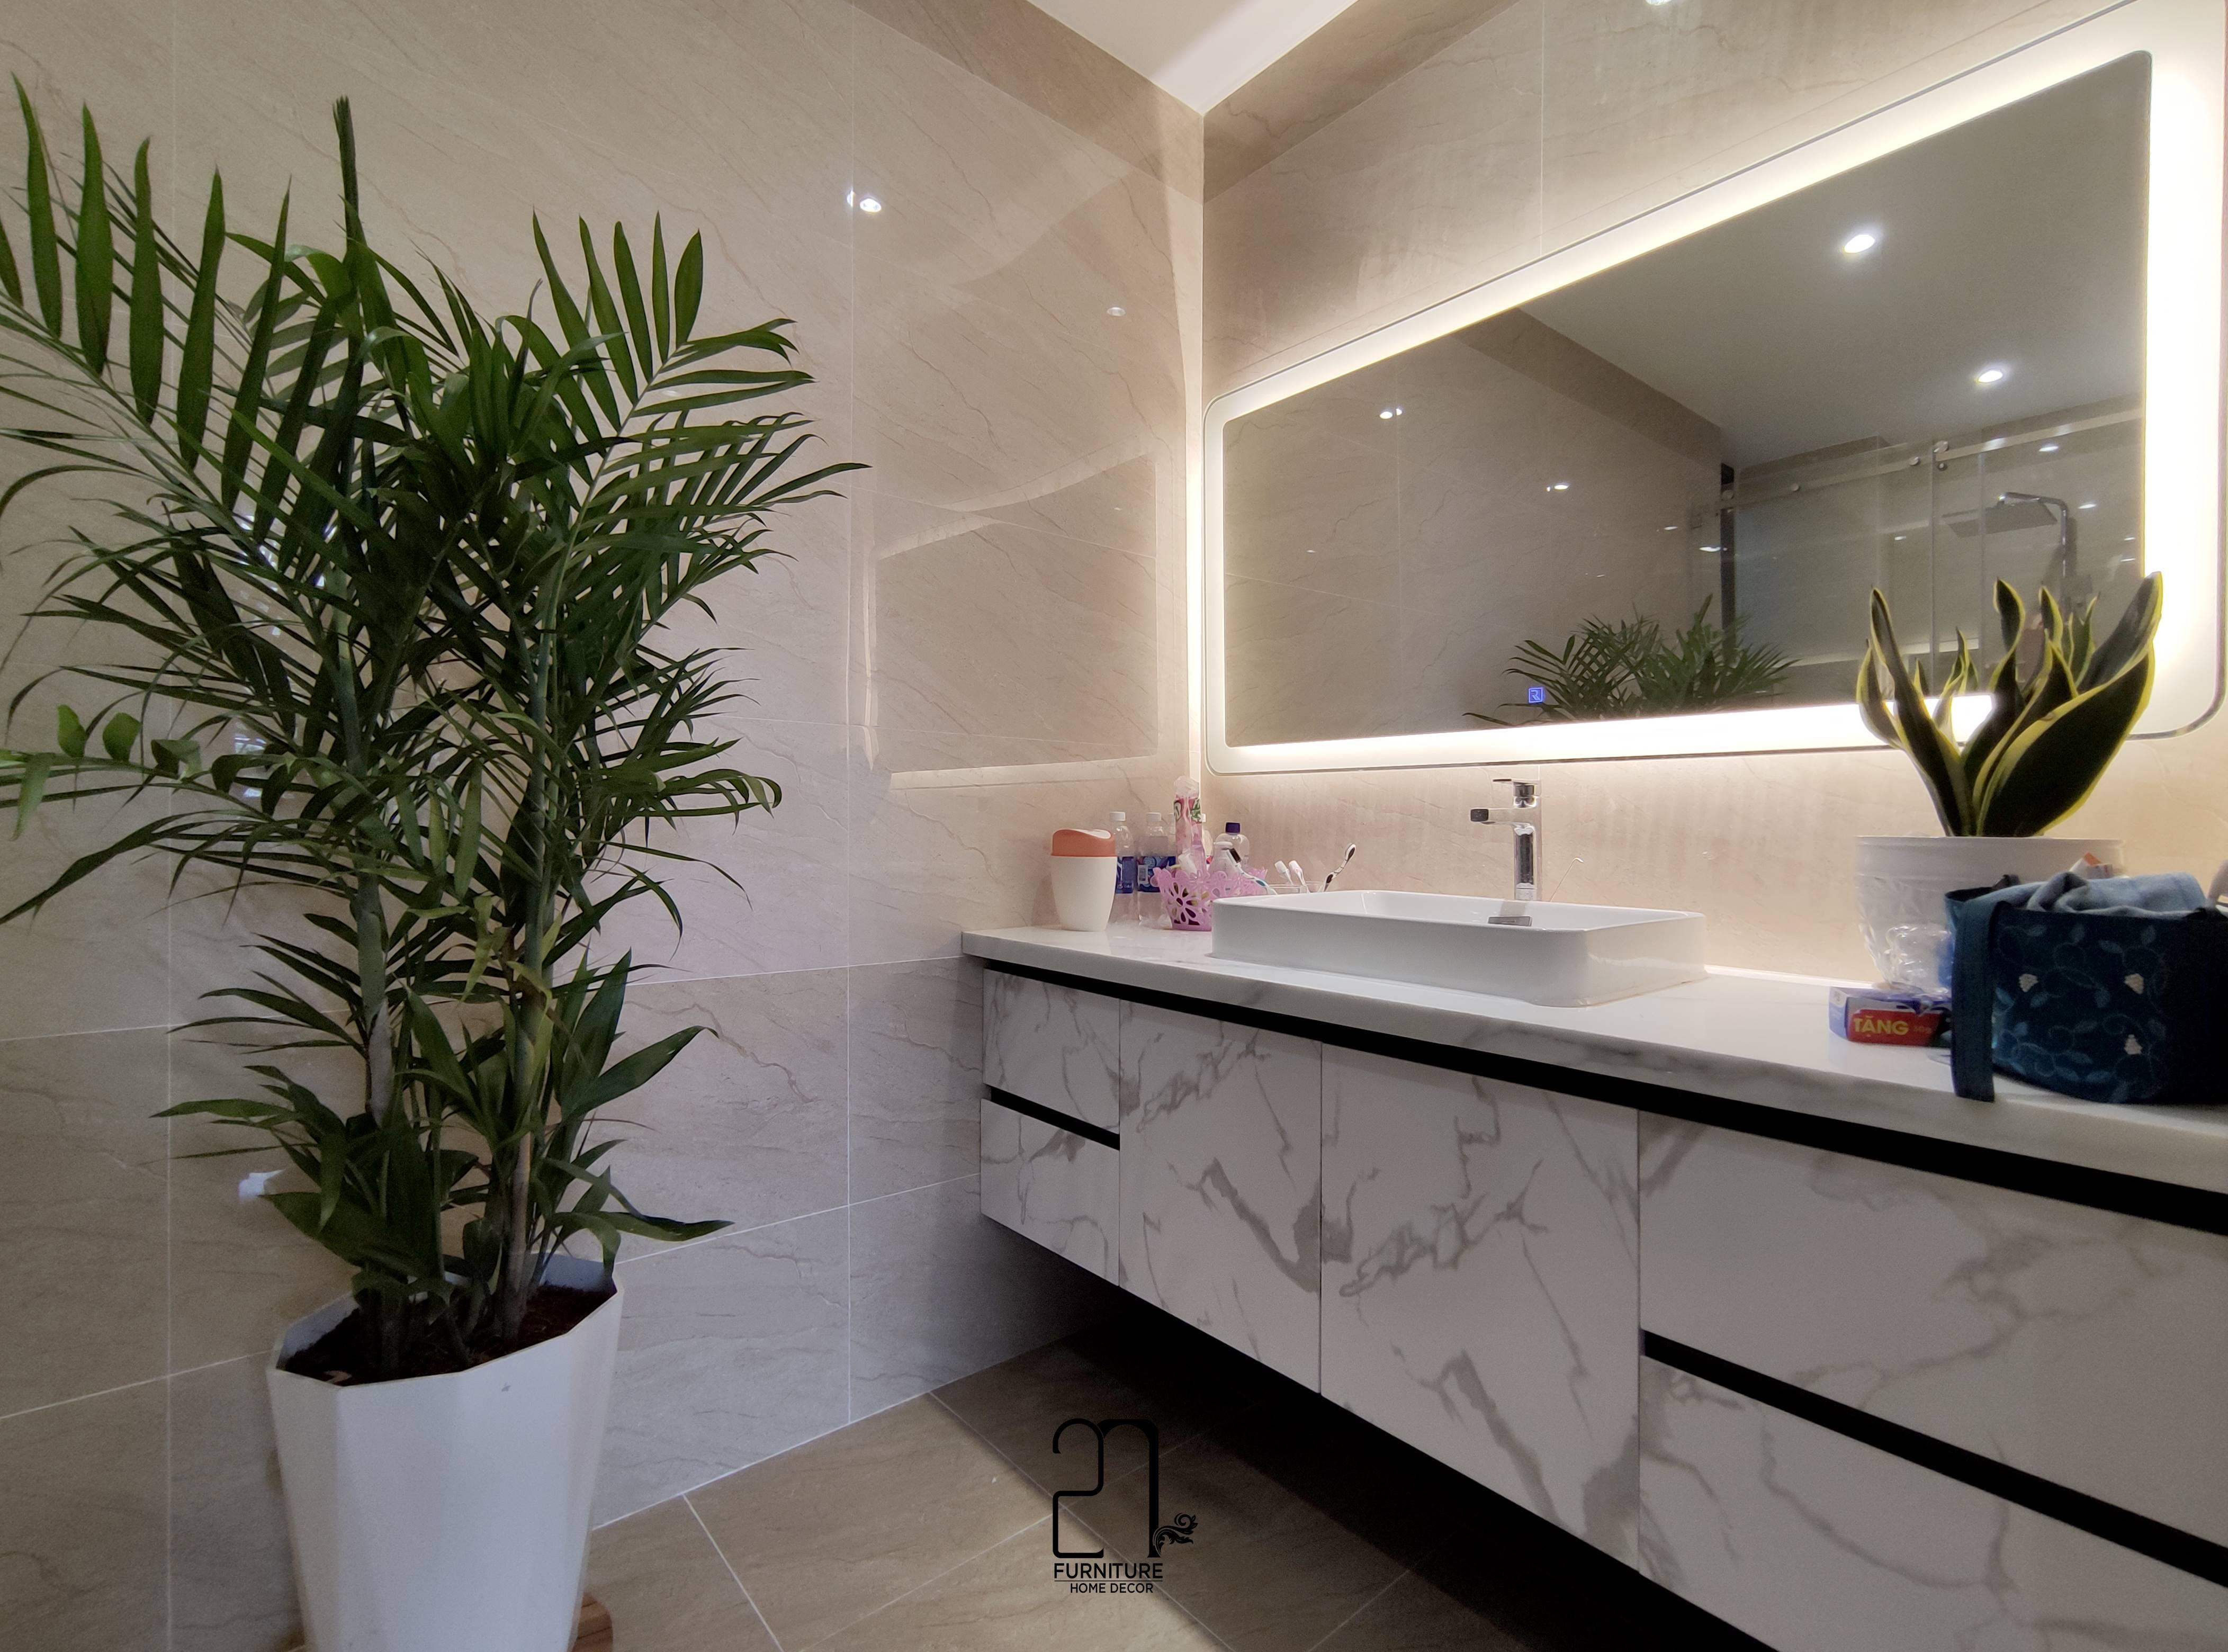 Thiết kế Biệt Thự tại Đồng Nai Thiết kế thi công biệt thự phố Biên Hòa 1631351897 17